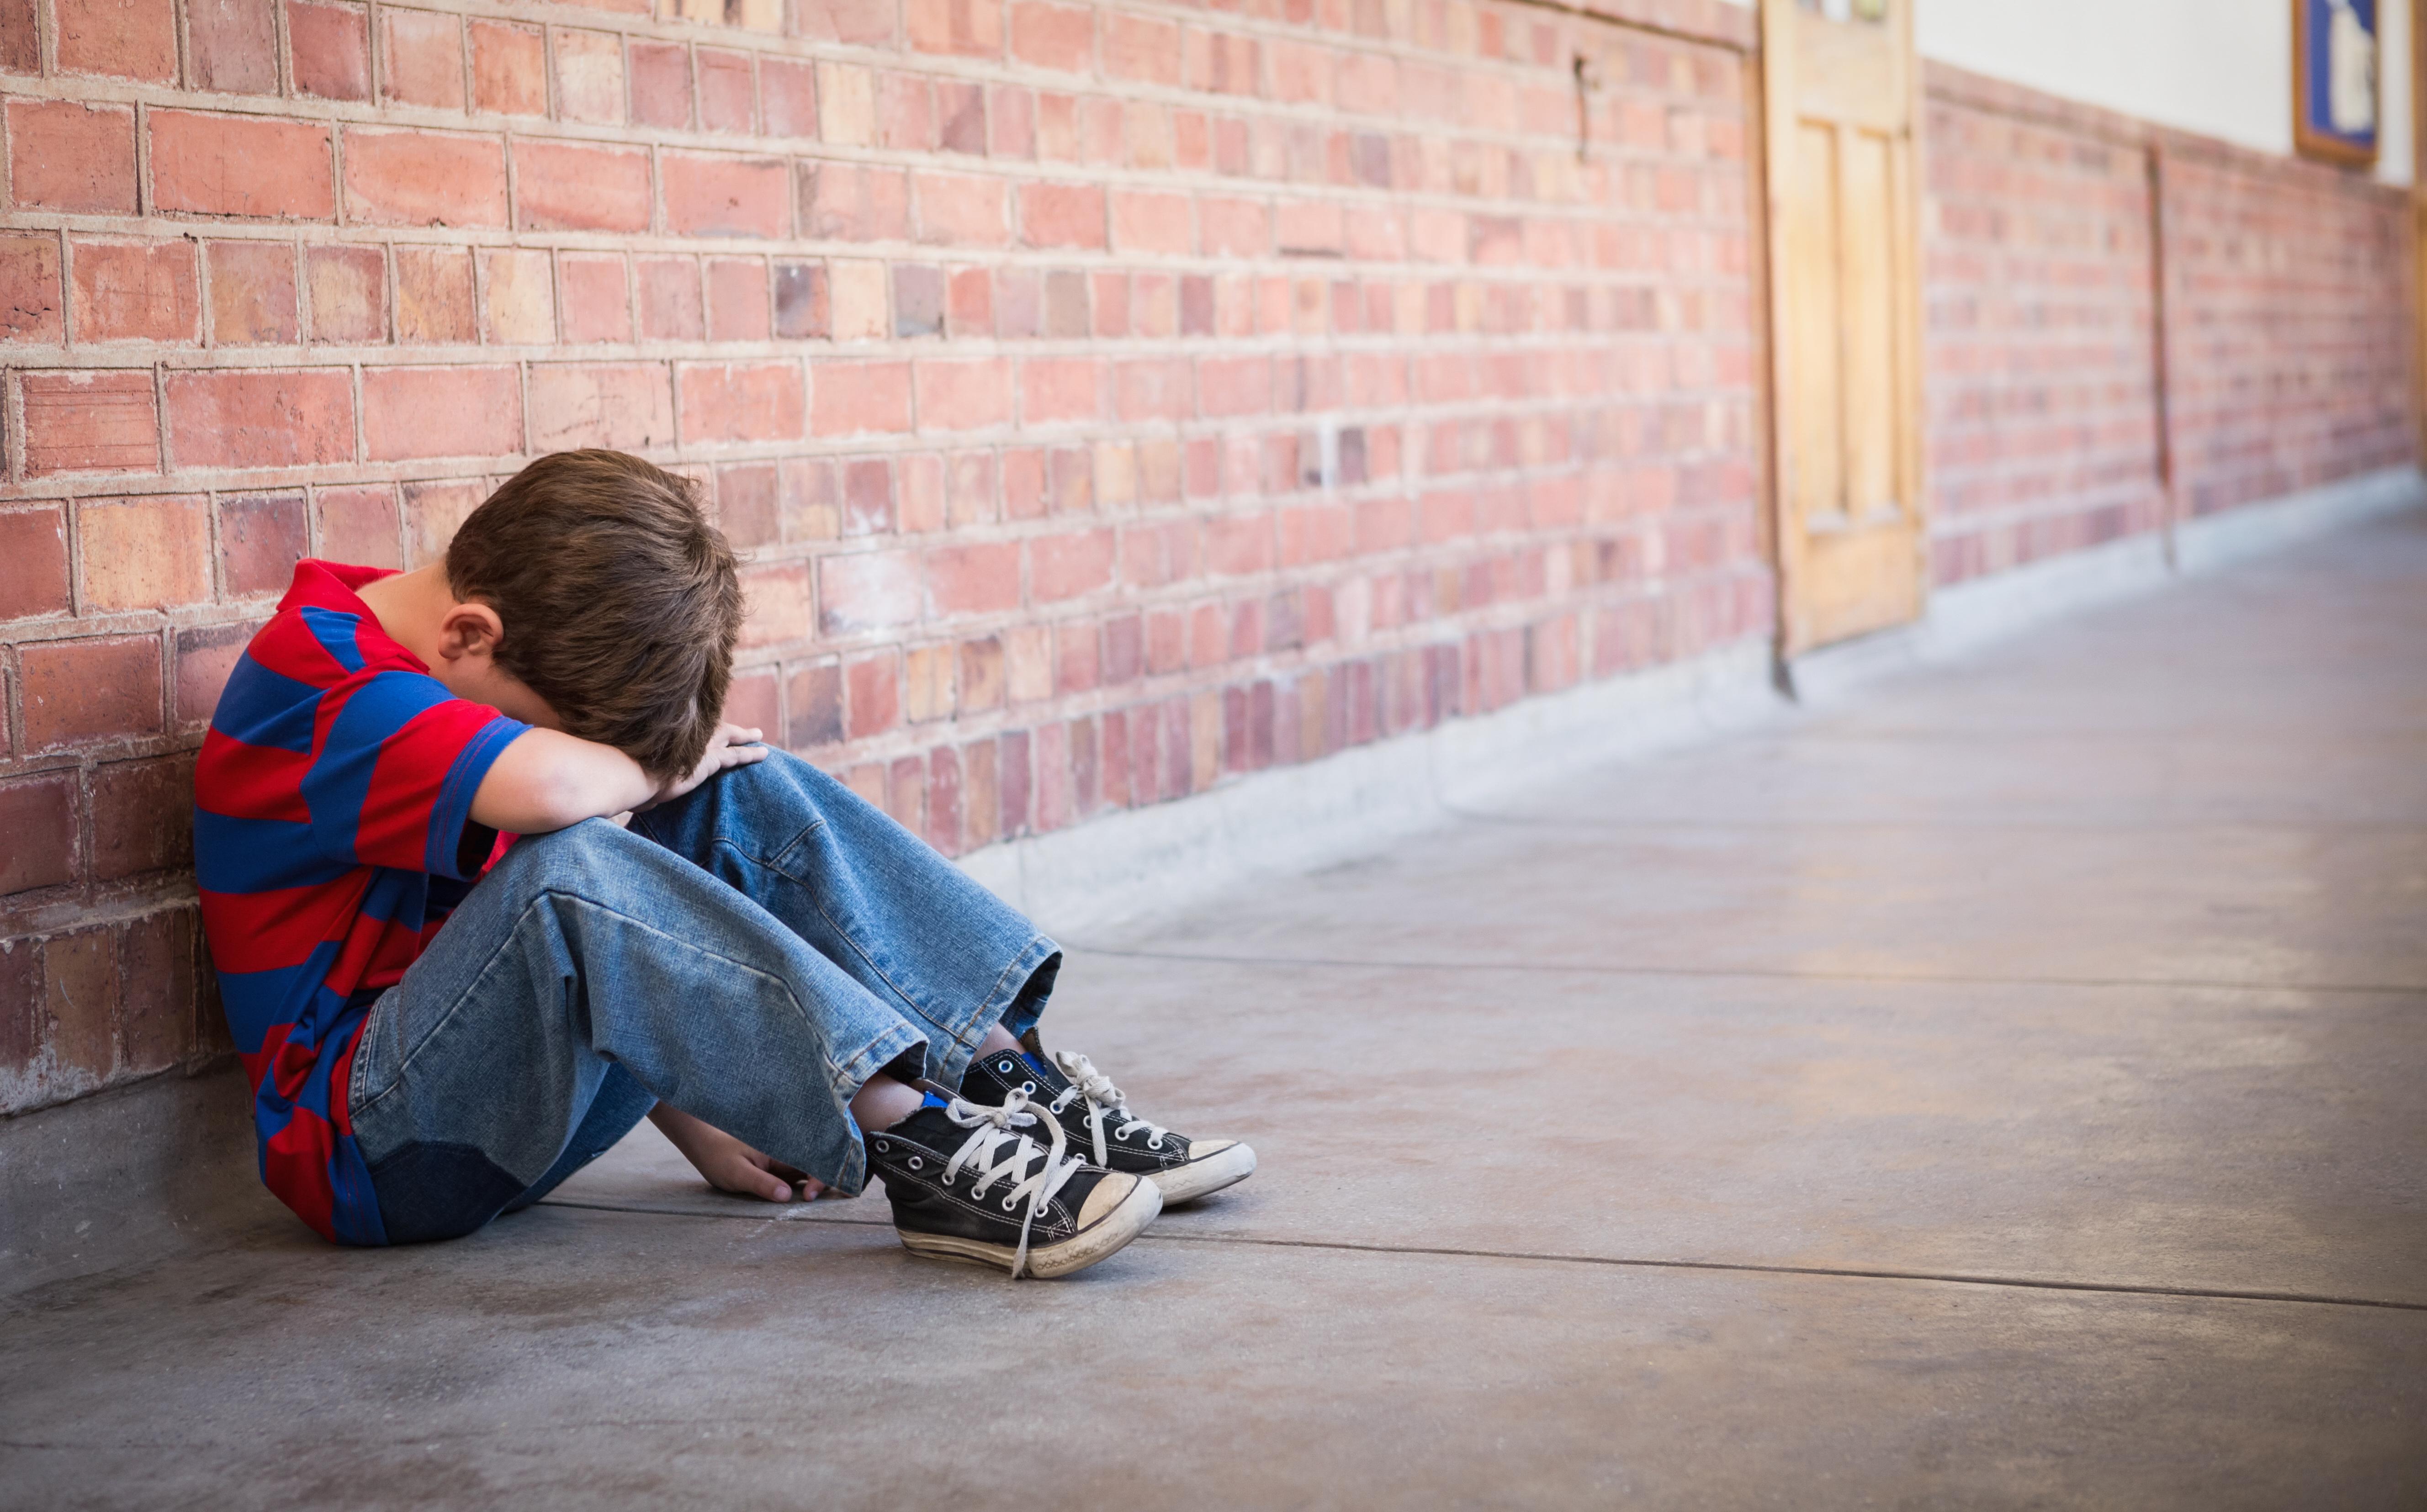 Todkranker Junge aus Vergnügungspark vertrieben